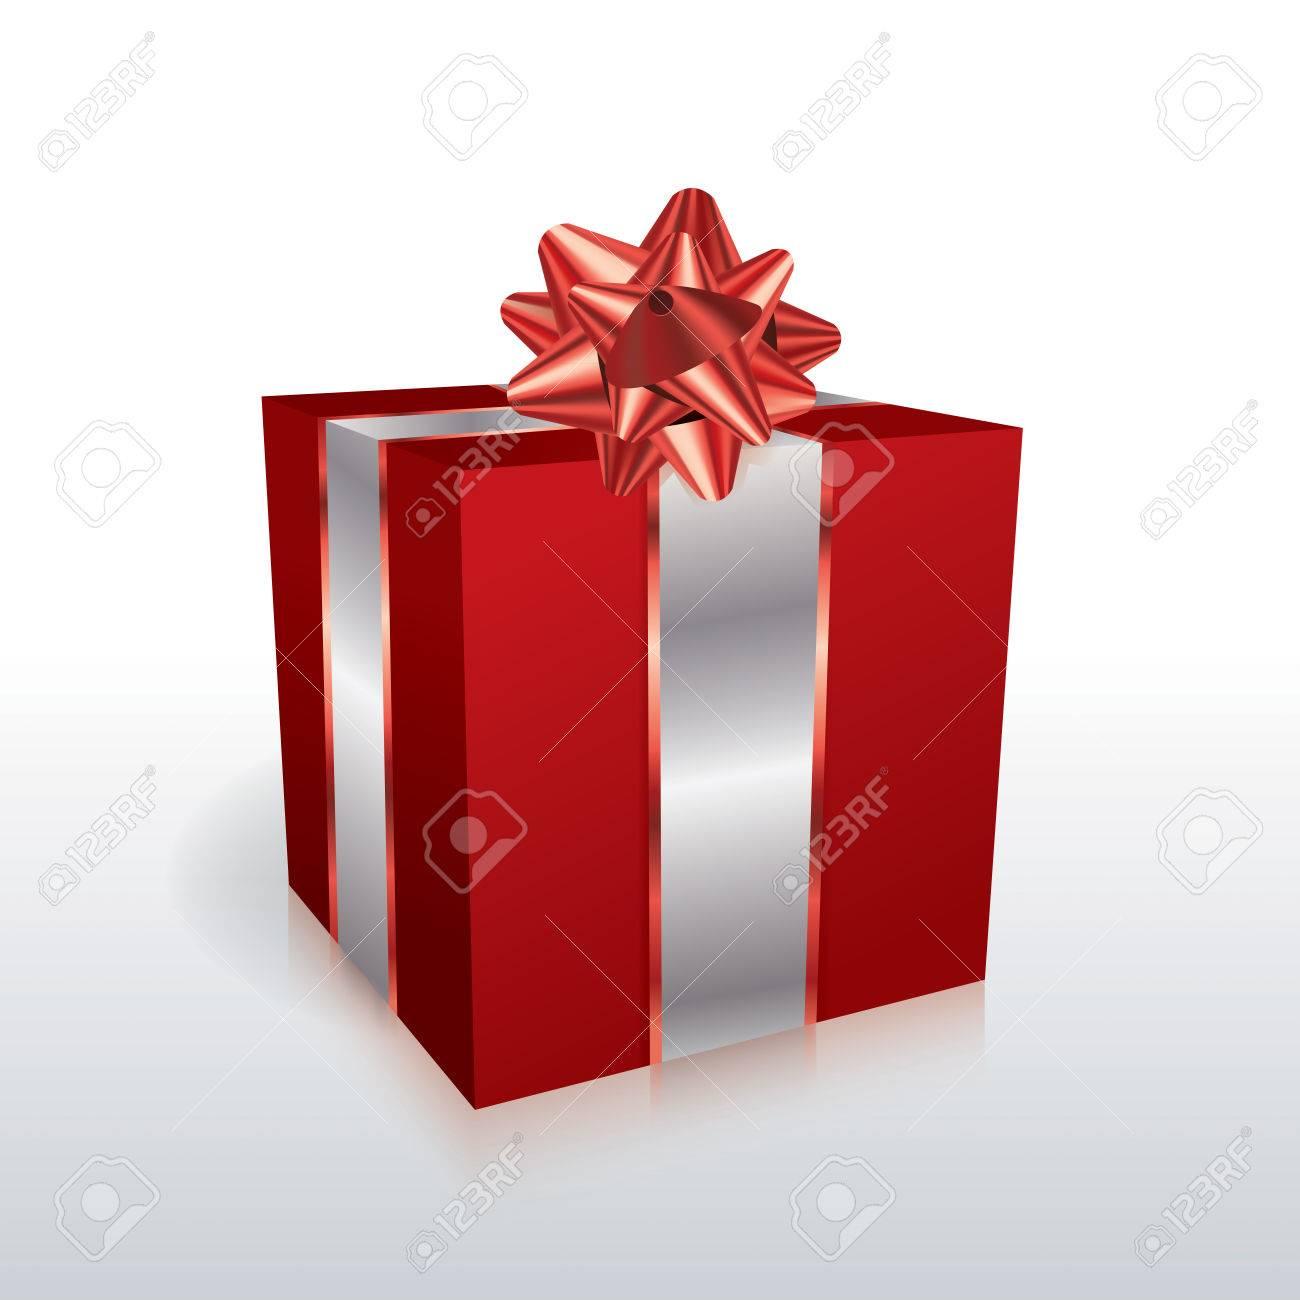 Eine Rote Weihnachtsferien Geschenk Mit Einem Bogen Auf Einem Weißen ...